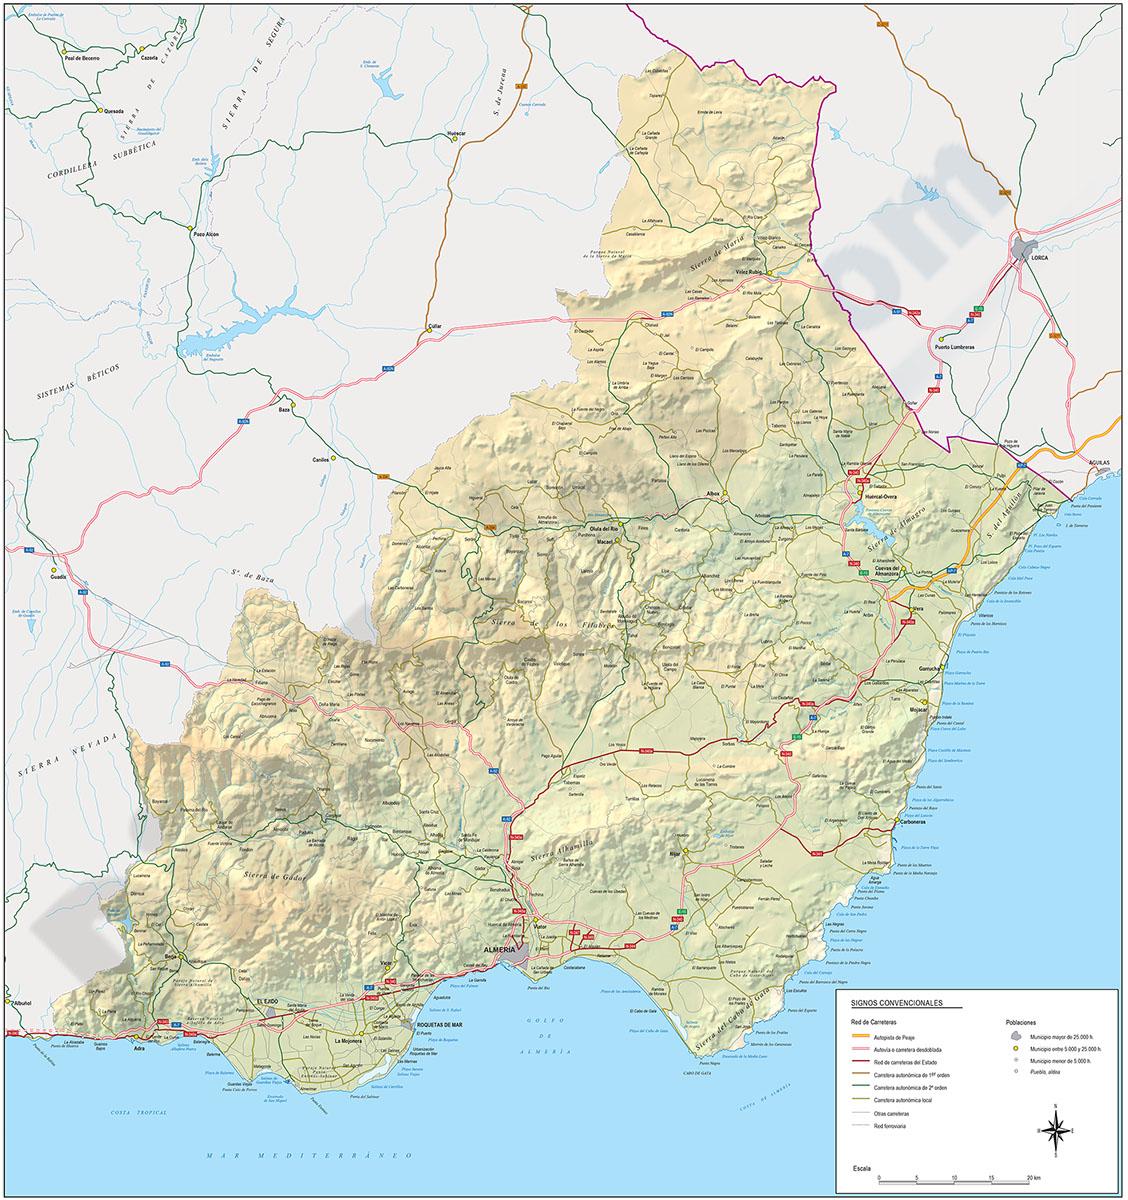 Provincia De Almeria Mapa.Digiatlas Mapas Y Planos Digitales Mapas De Codigos Postales